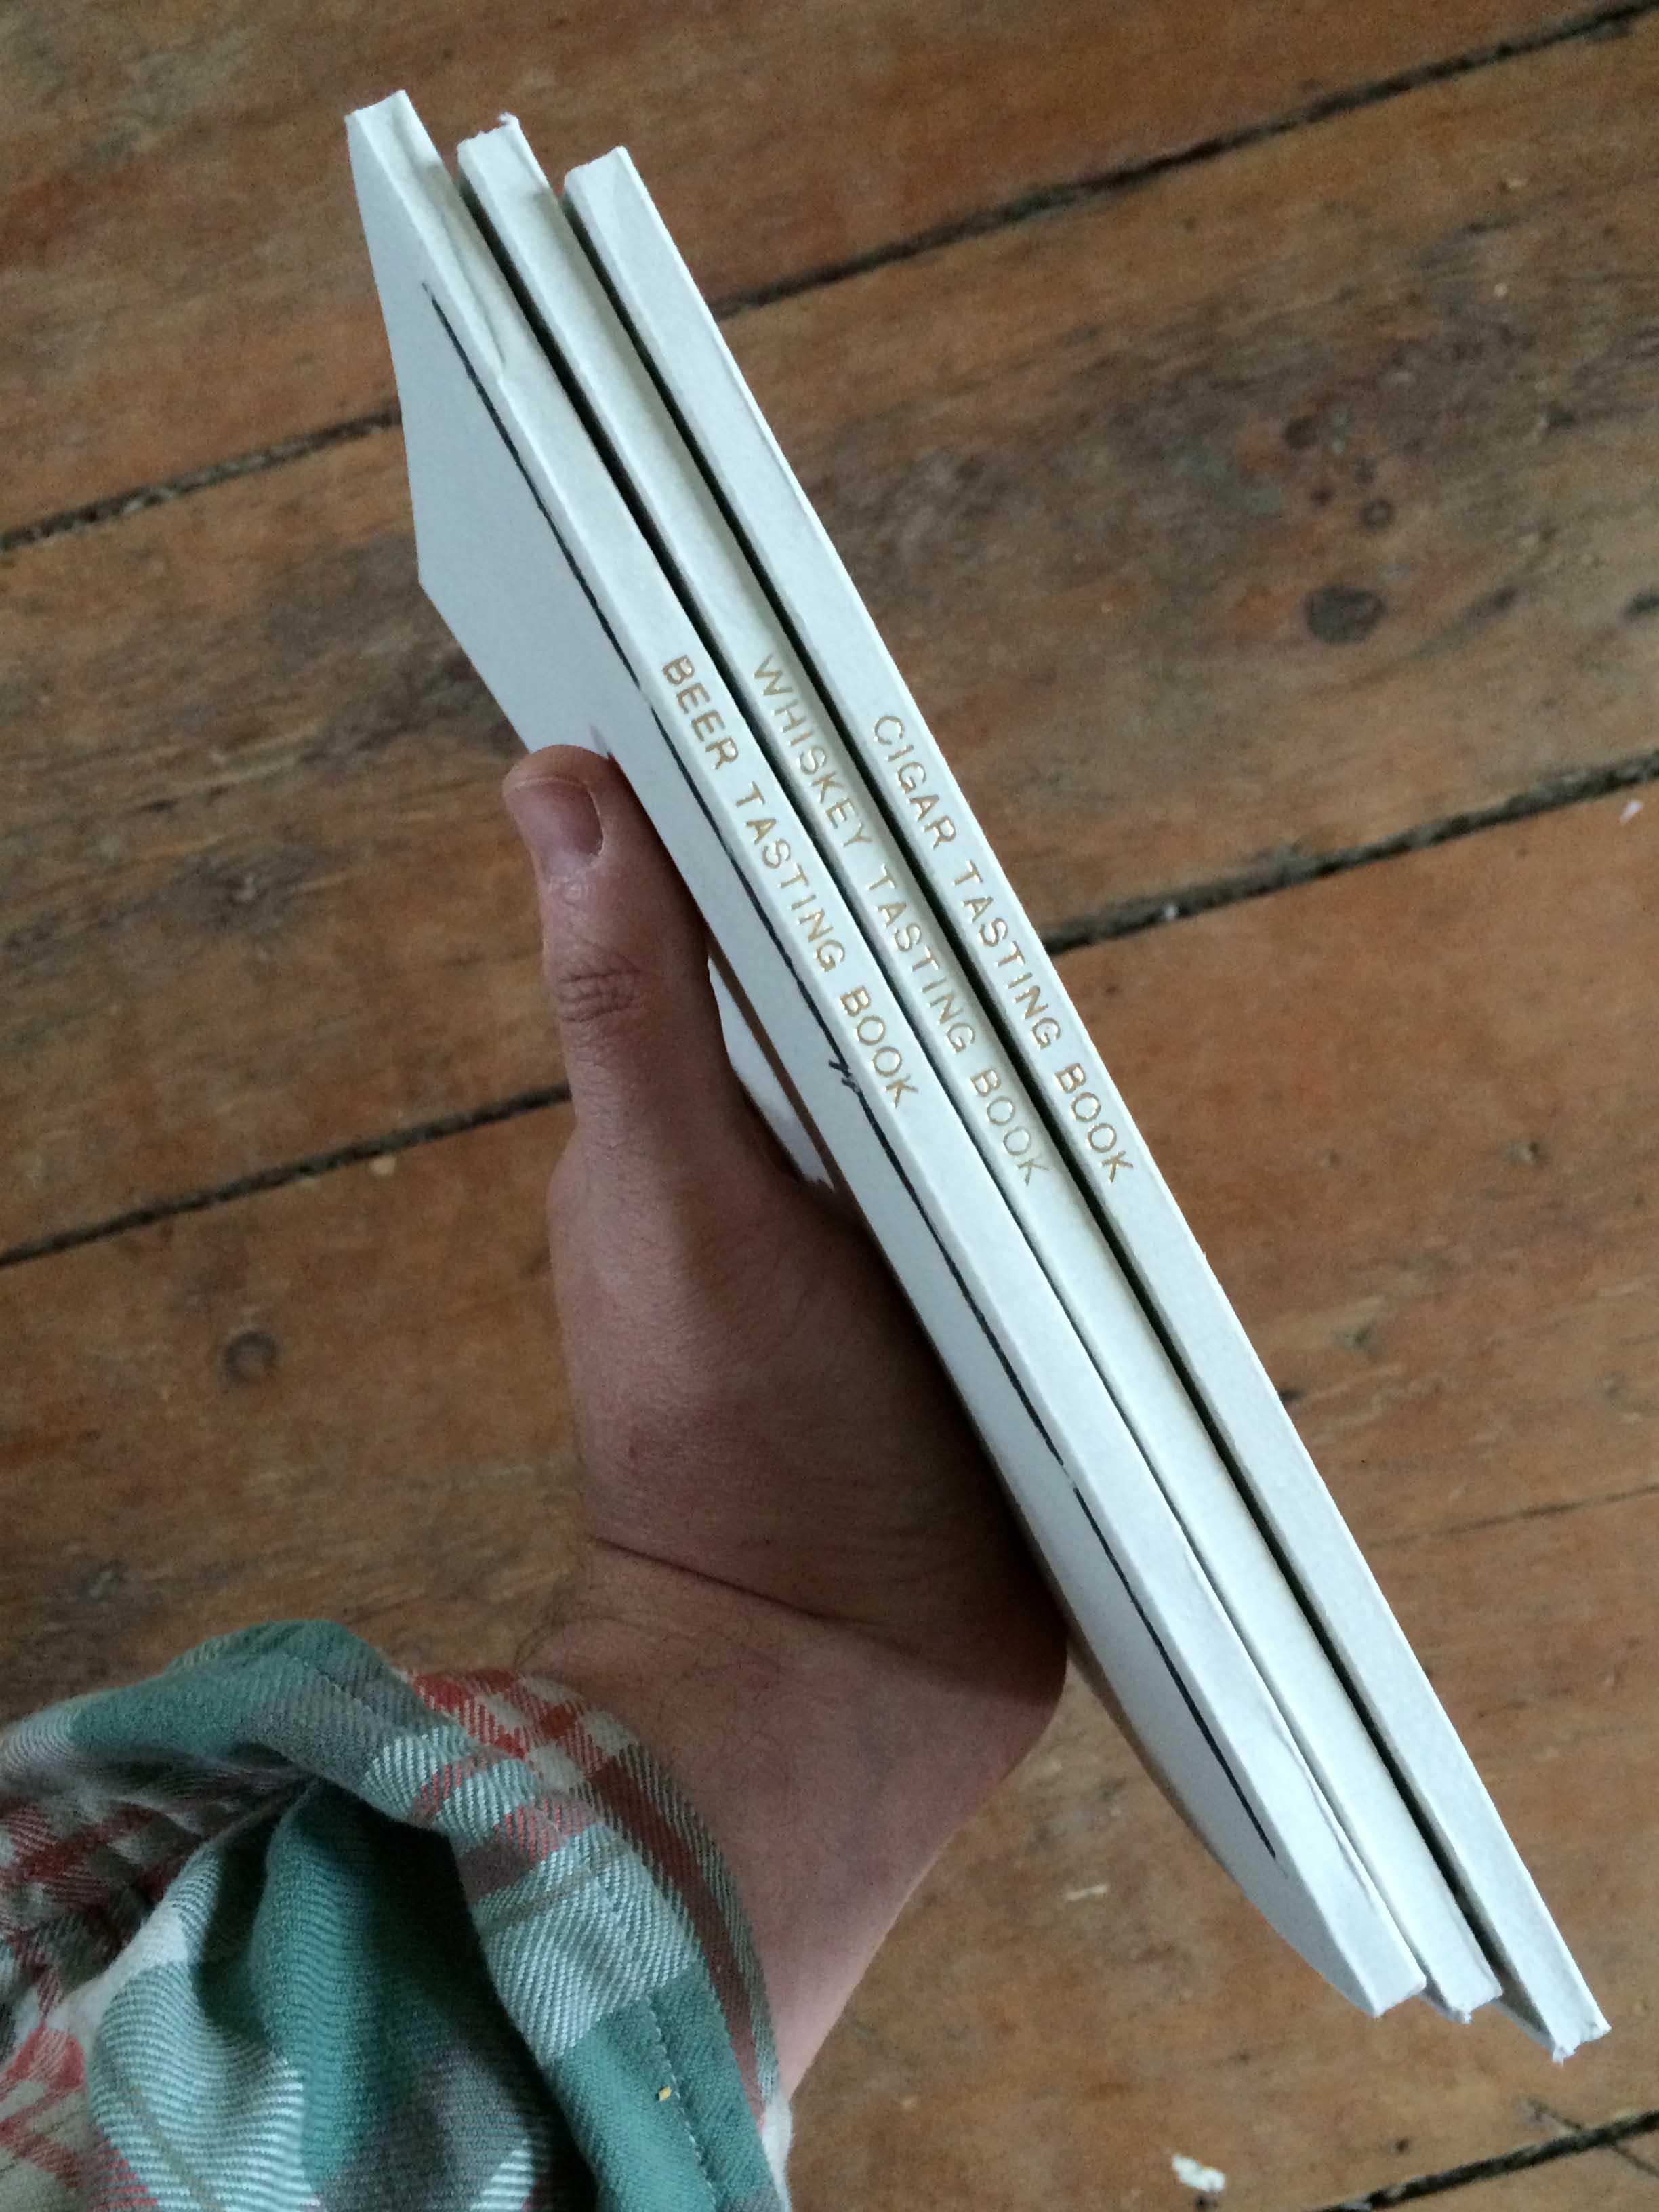 dski-design-tasting-books-4.jpg